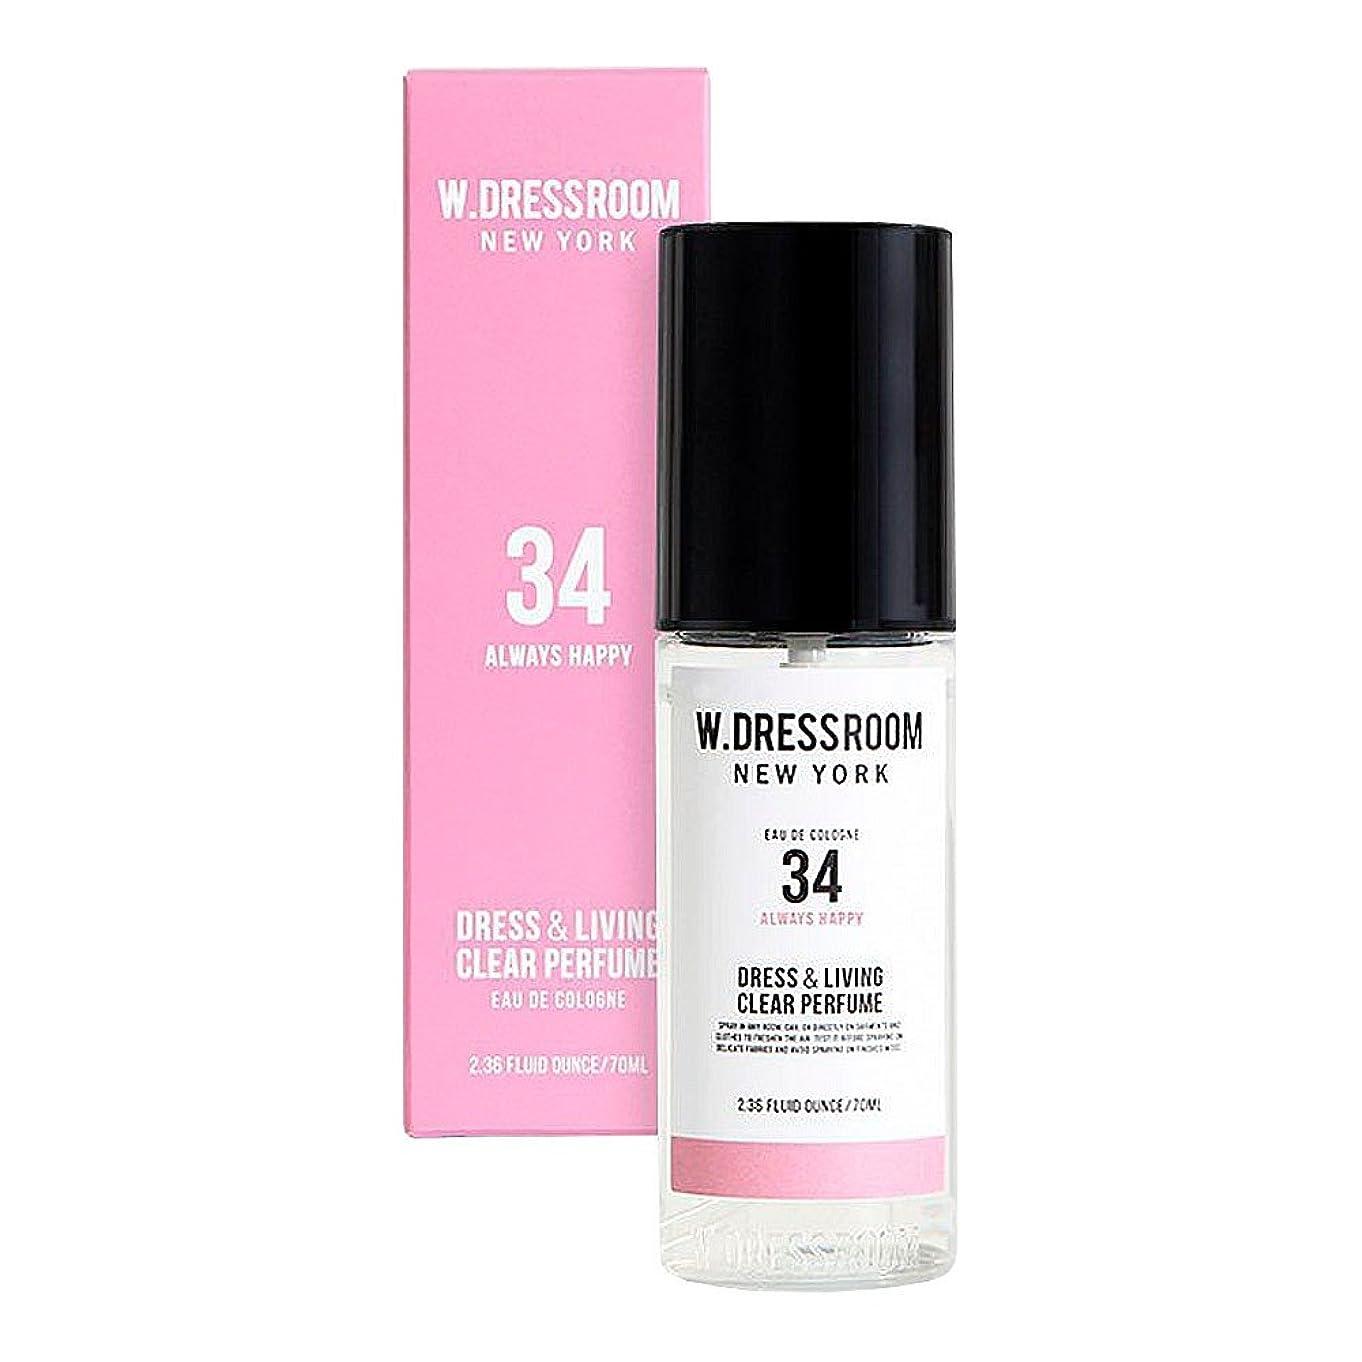 惑星肯定的違うW.DRESSROOM Dress & Living Clear Perfume fragrance 70ml (#No.34 Always Happy)/ダブルドレスルーム ドレス&リビング クリア パフューム 70ml (#No.34 Always Happy)